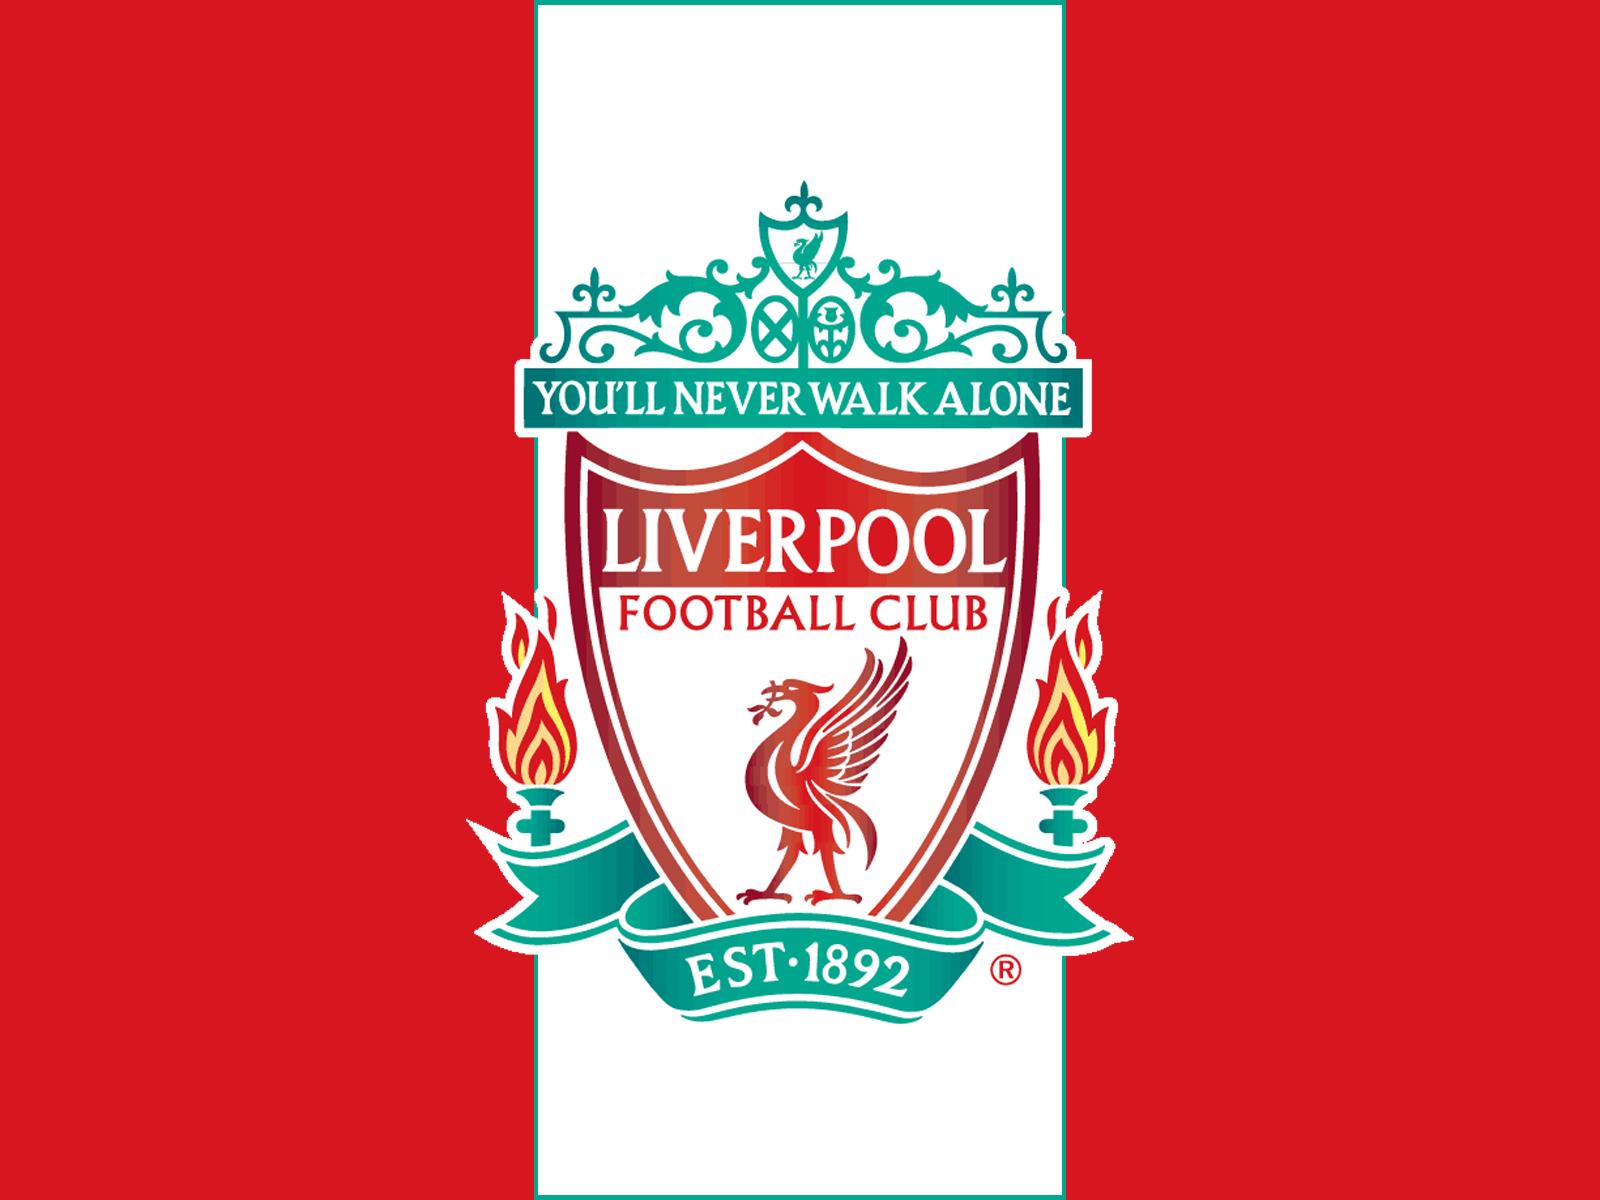 Un ferrari de fórmula 1 está en creyón rojo necesariamente un derecho de giro? Imágenes del escudo del Liverpool Football Club (Inglaterra)